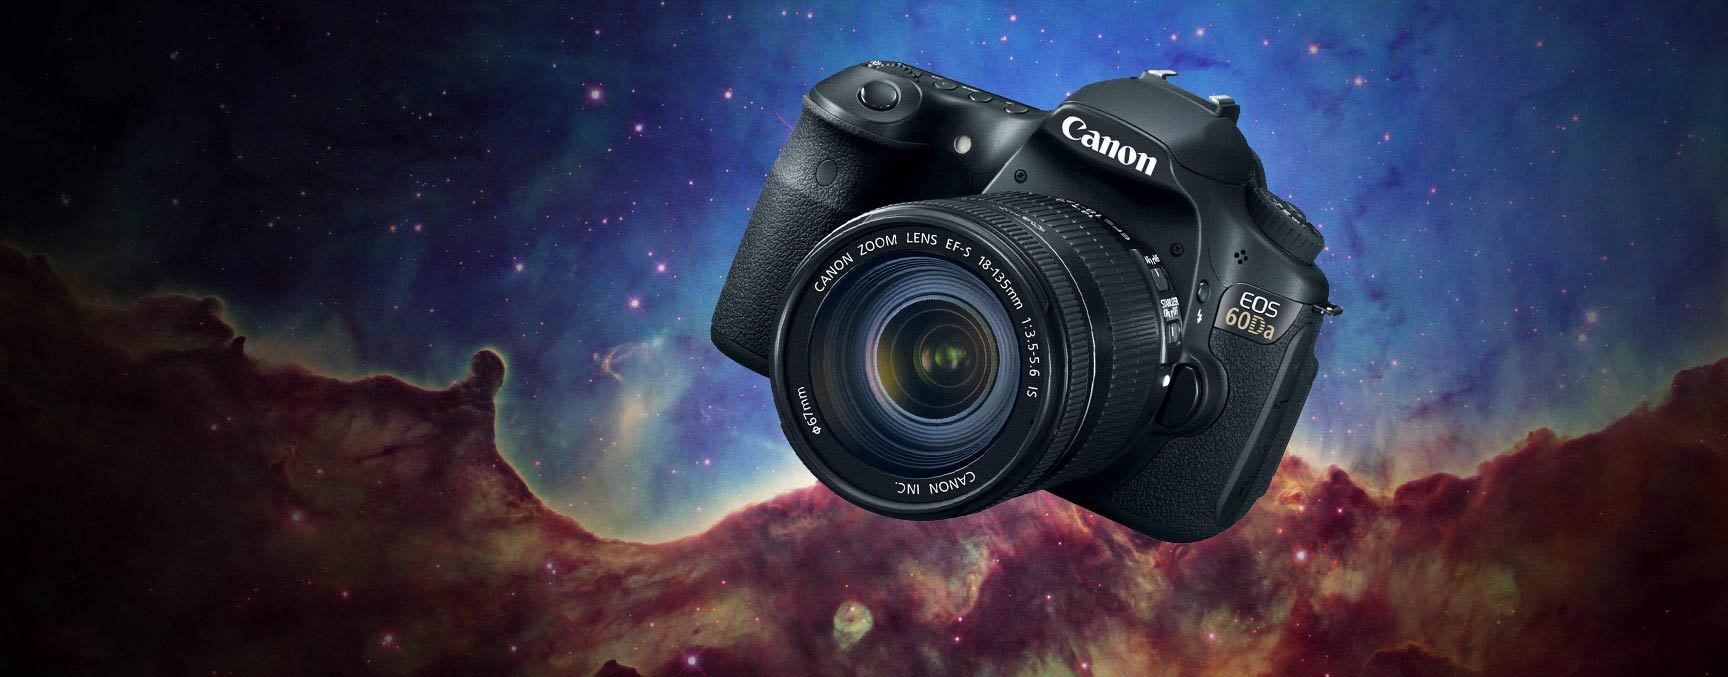 Canon 60Da SLR Body for Astronomy